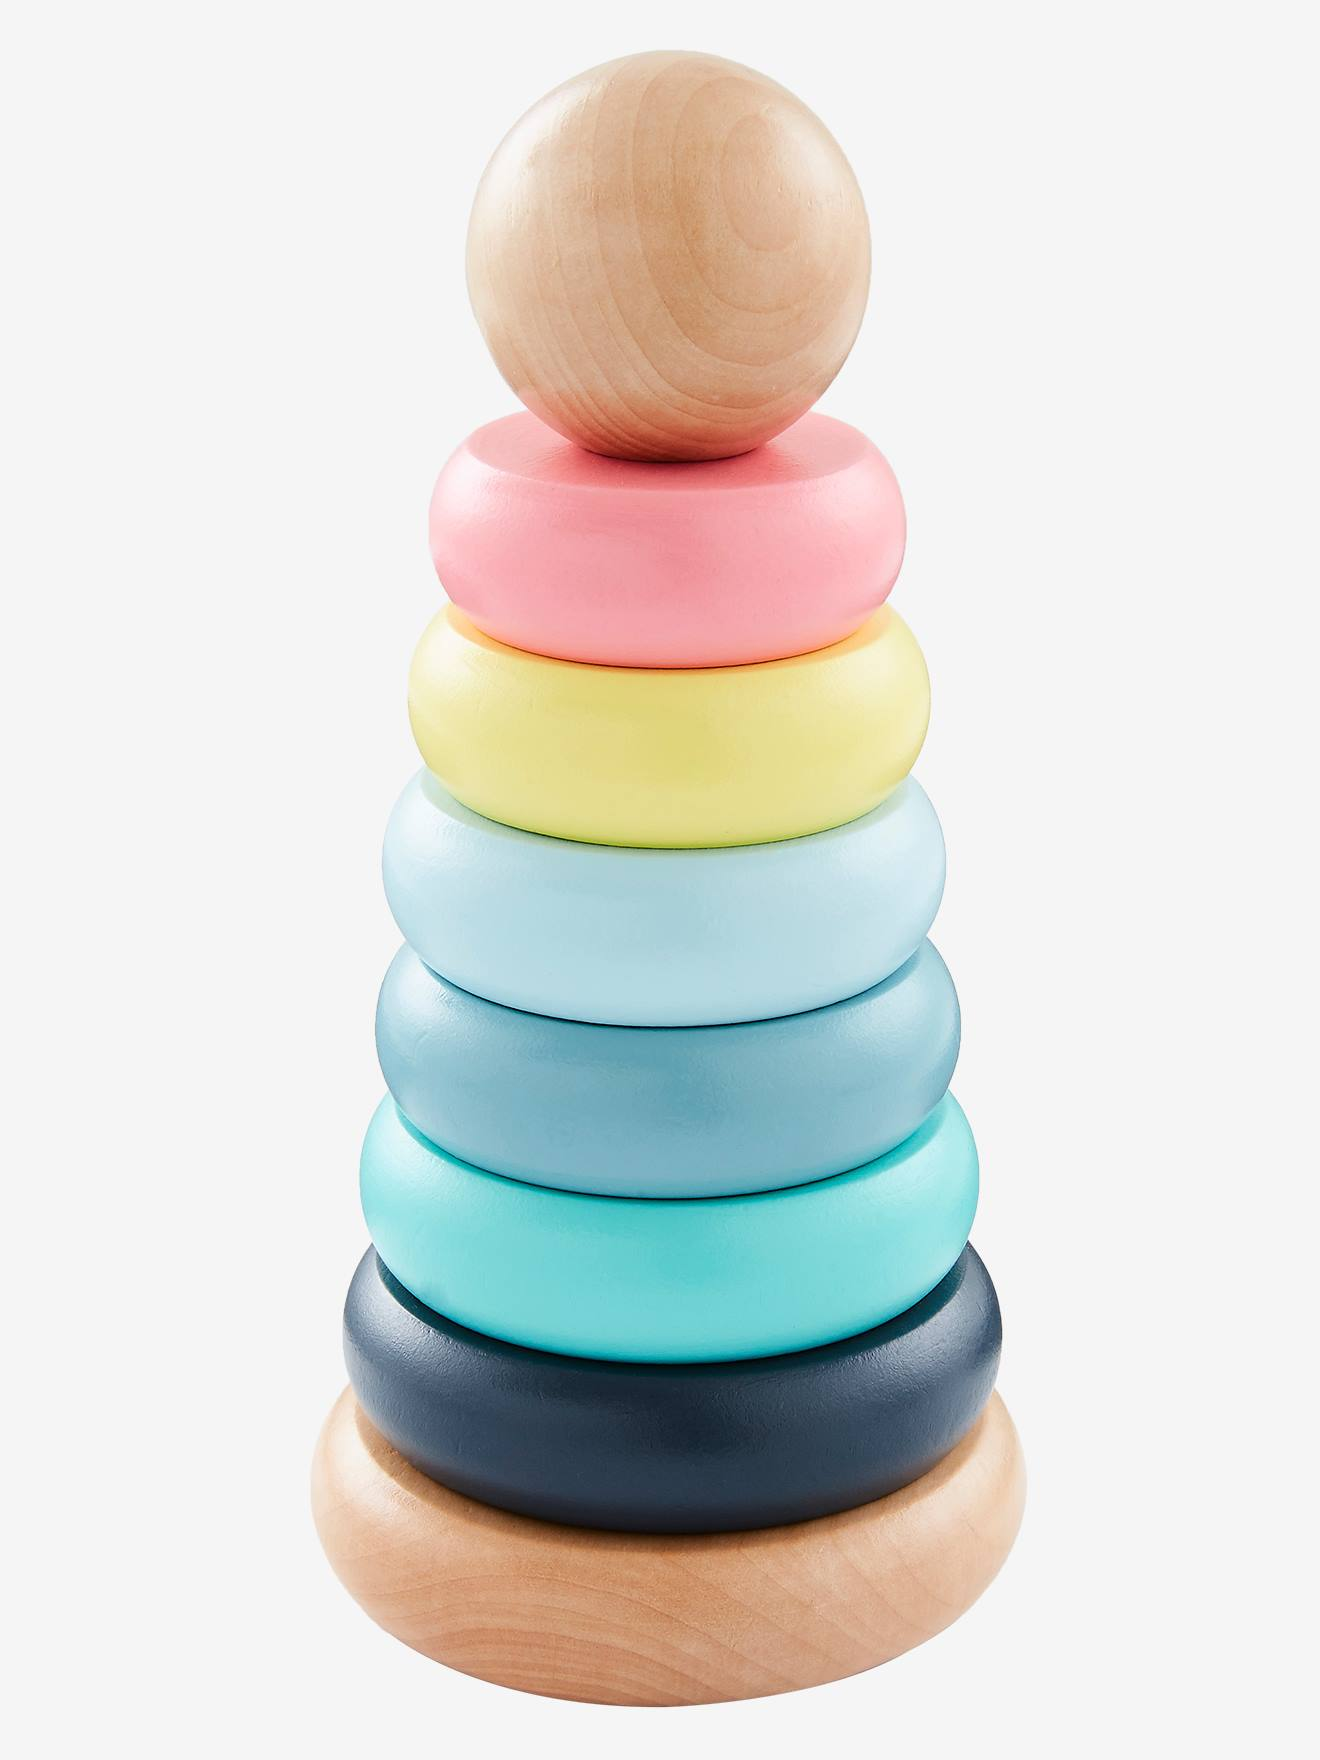 Pyramide d'éveil en bois multicolore - Vertbaudet